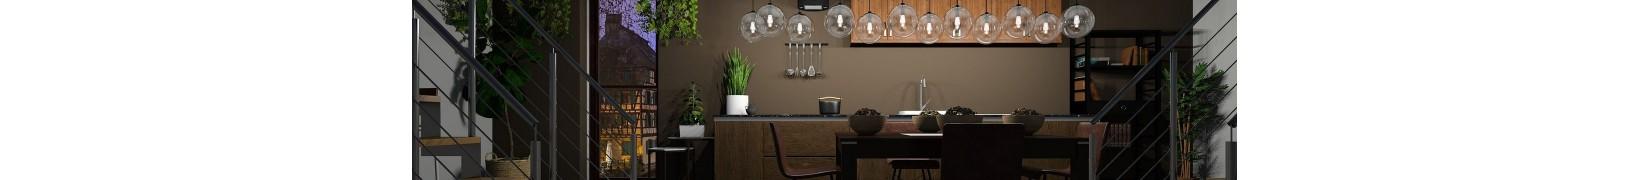 Home decor do kuchni. Obrusy, meble, oświetlenie, ręczniki